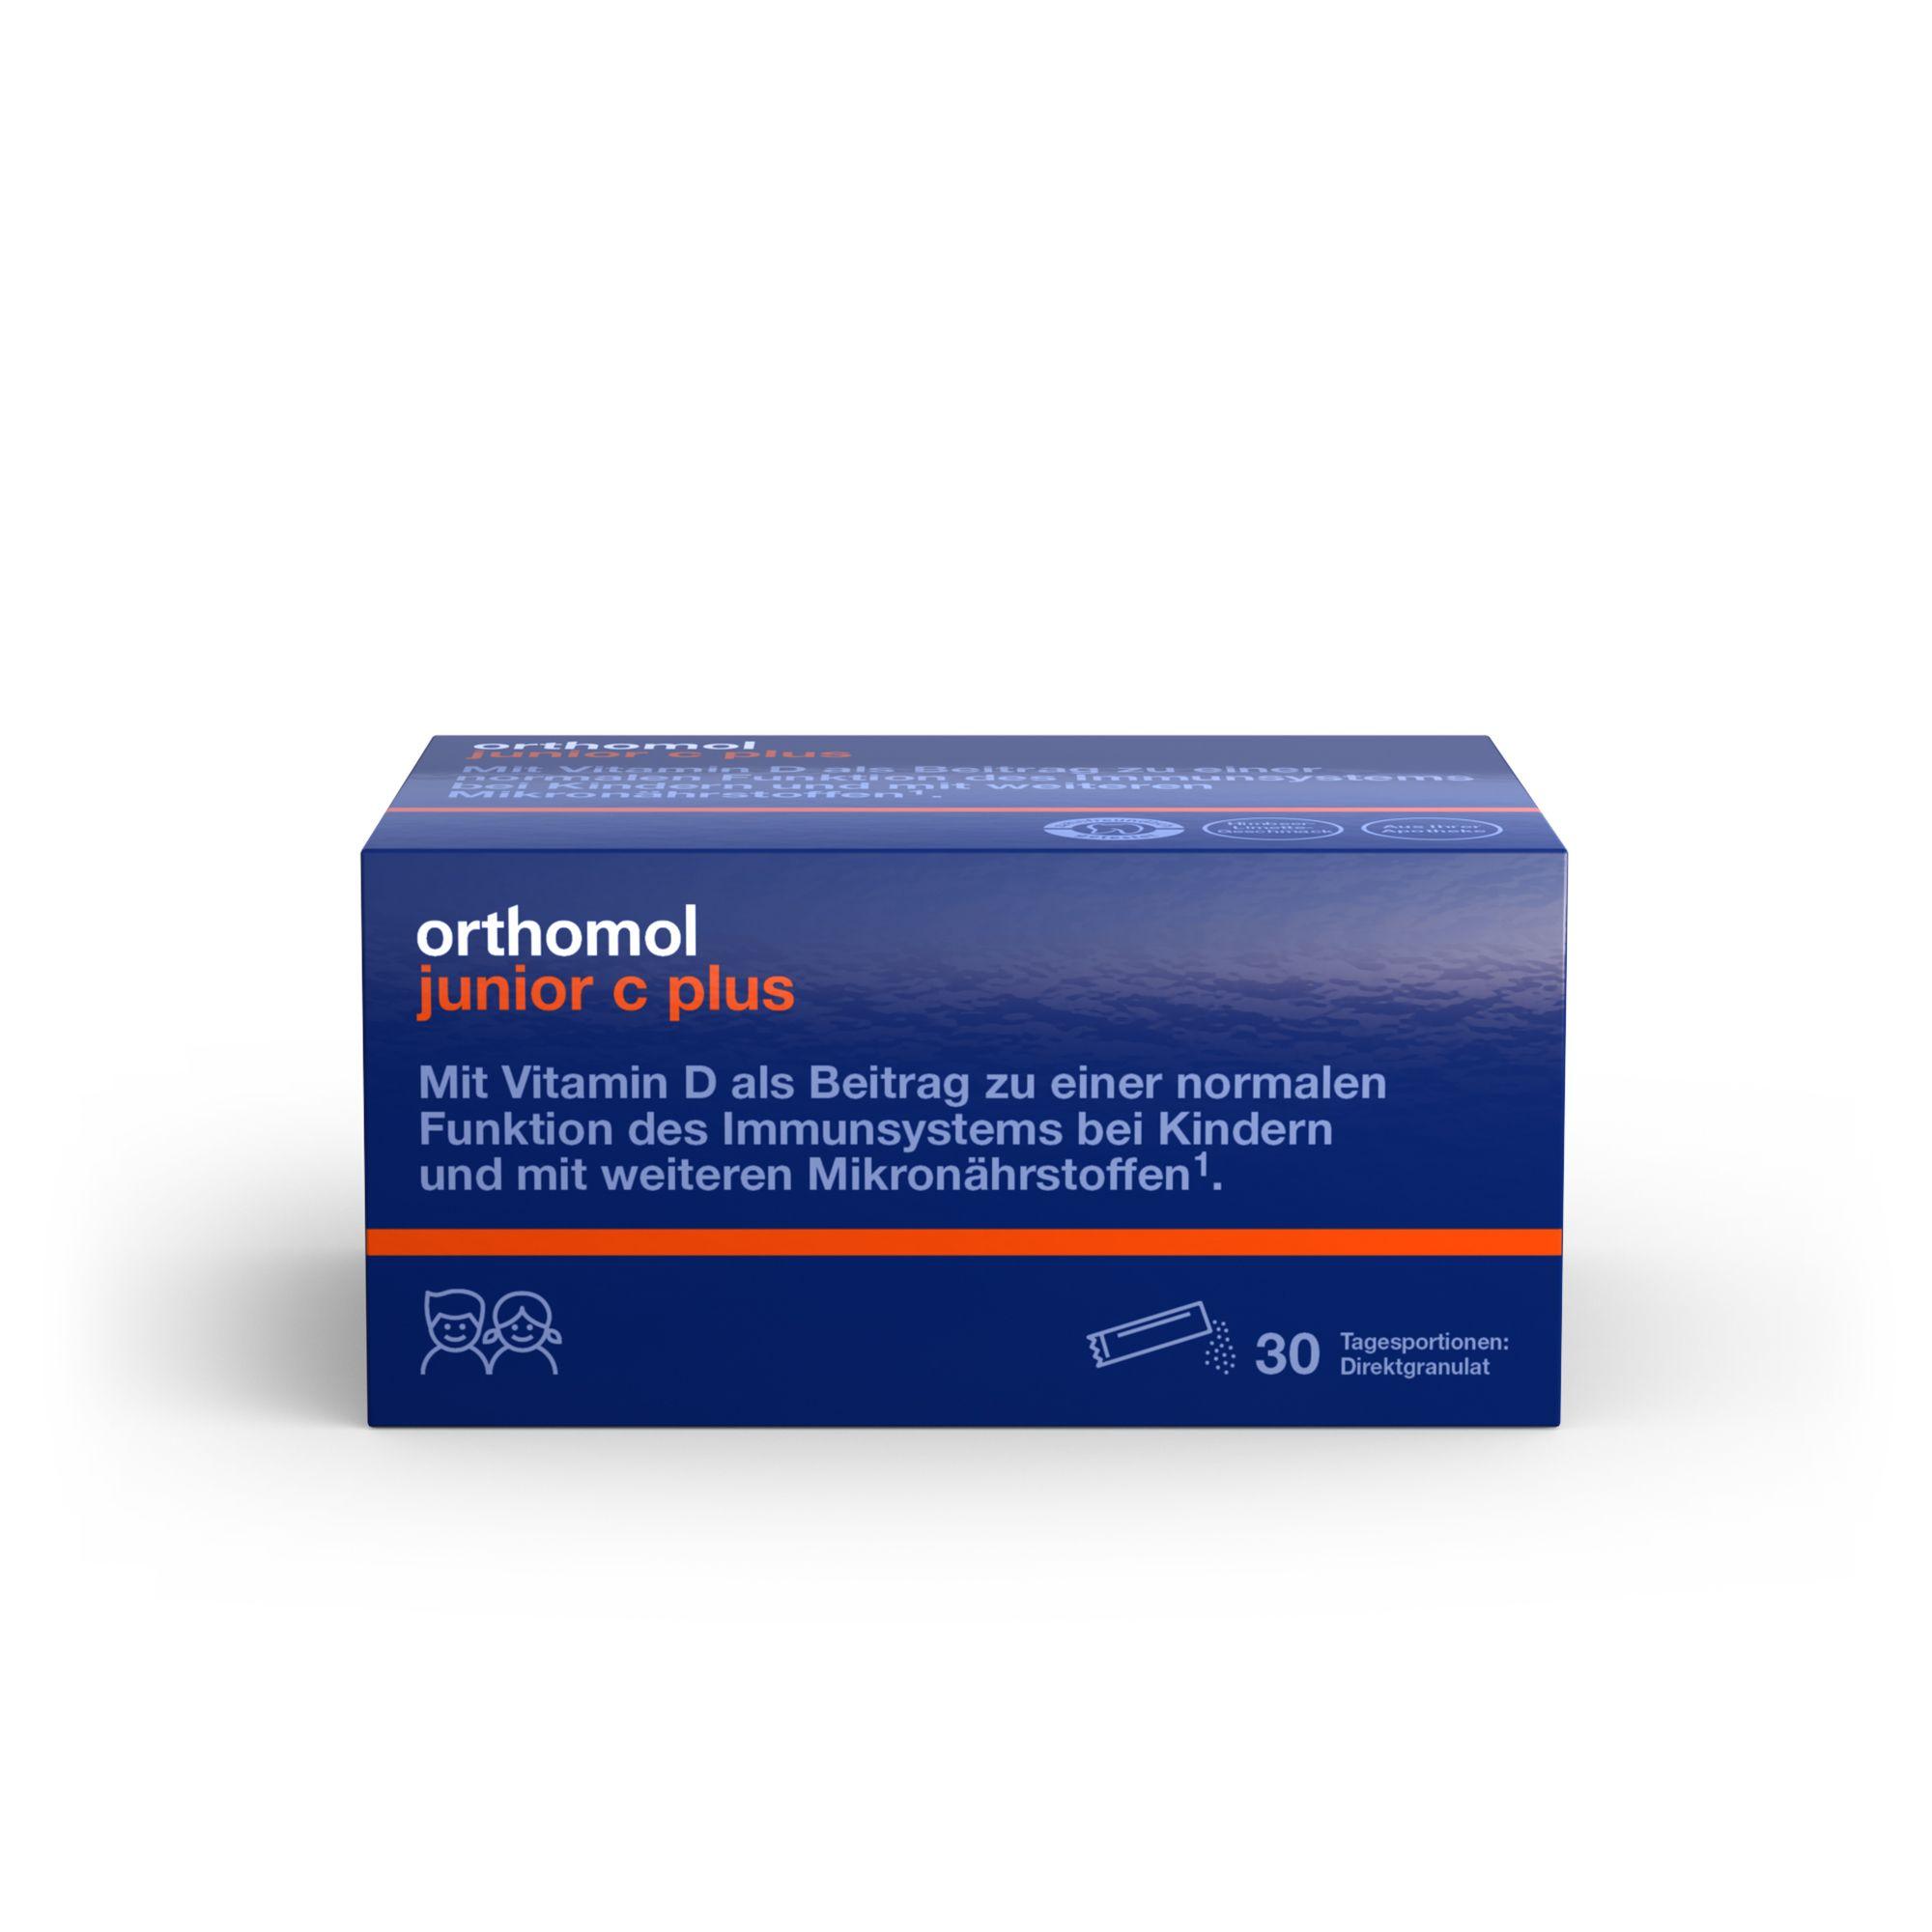 Image of Orthomol junior C plus Granulat Himbeer/Limette